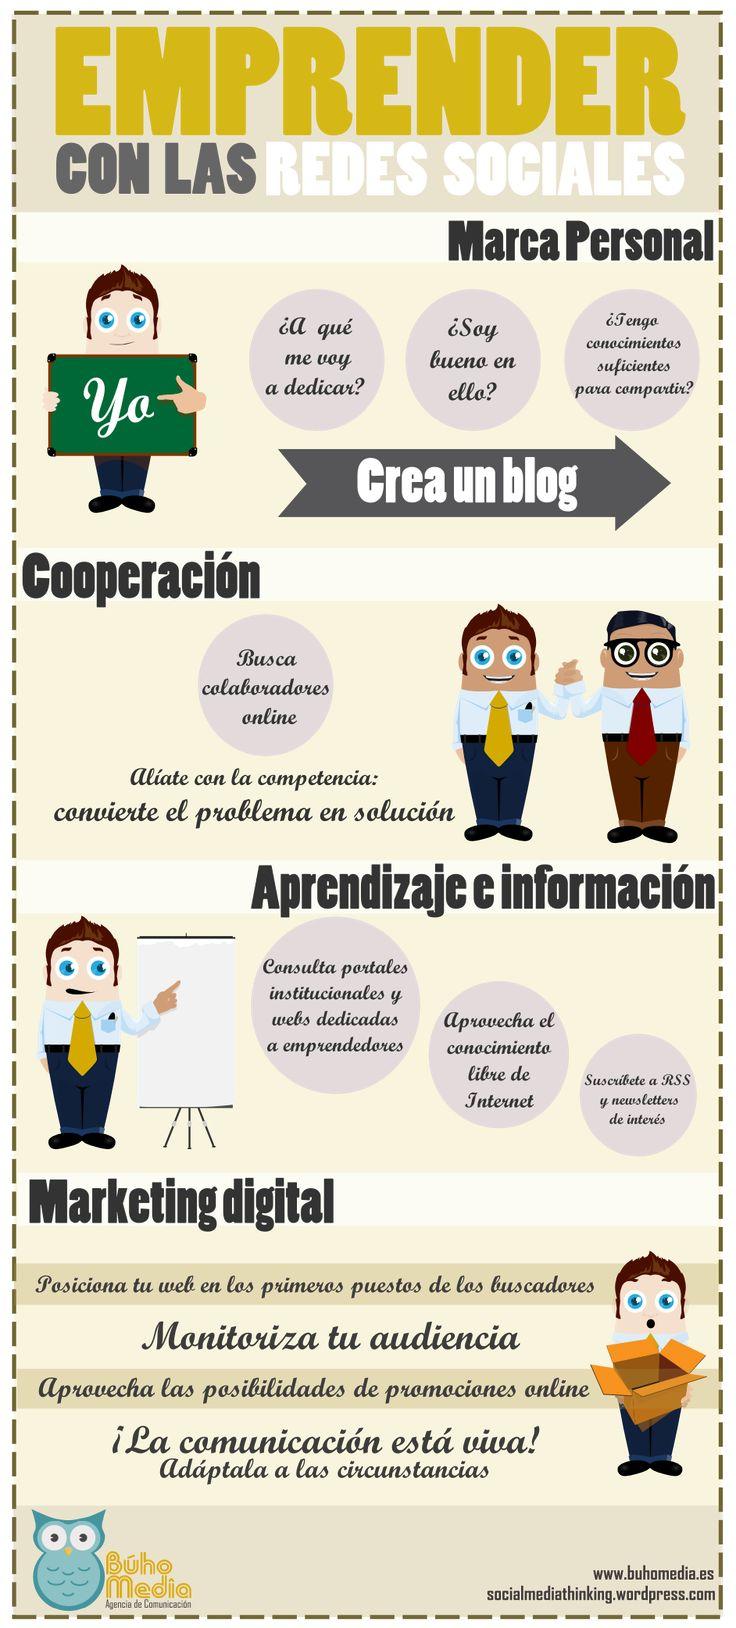 Twitter / Facebook  @Gfuece (Lupita Fuentes) Marketing  gfuece.mkt@gmail.com  www.encontact.com.mx    #Emprender con ayuda de las #RedesSociales #SocialMedia